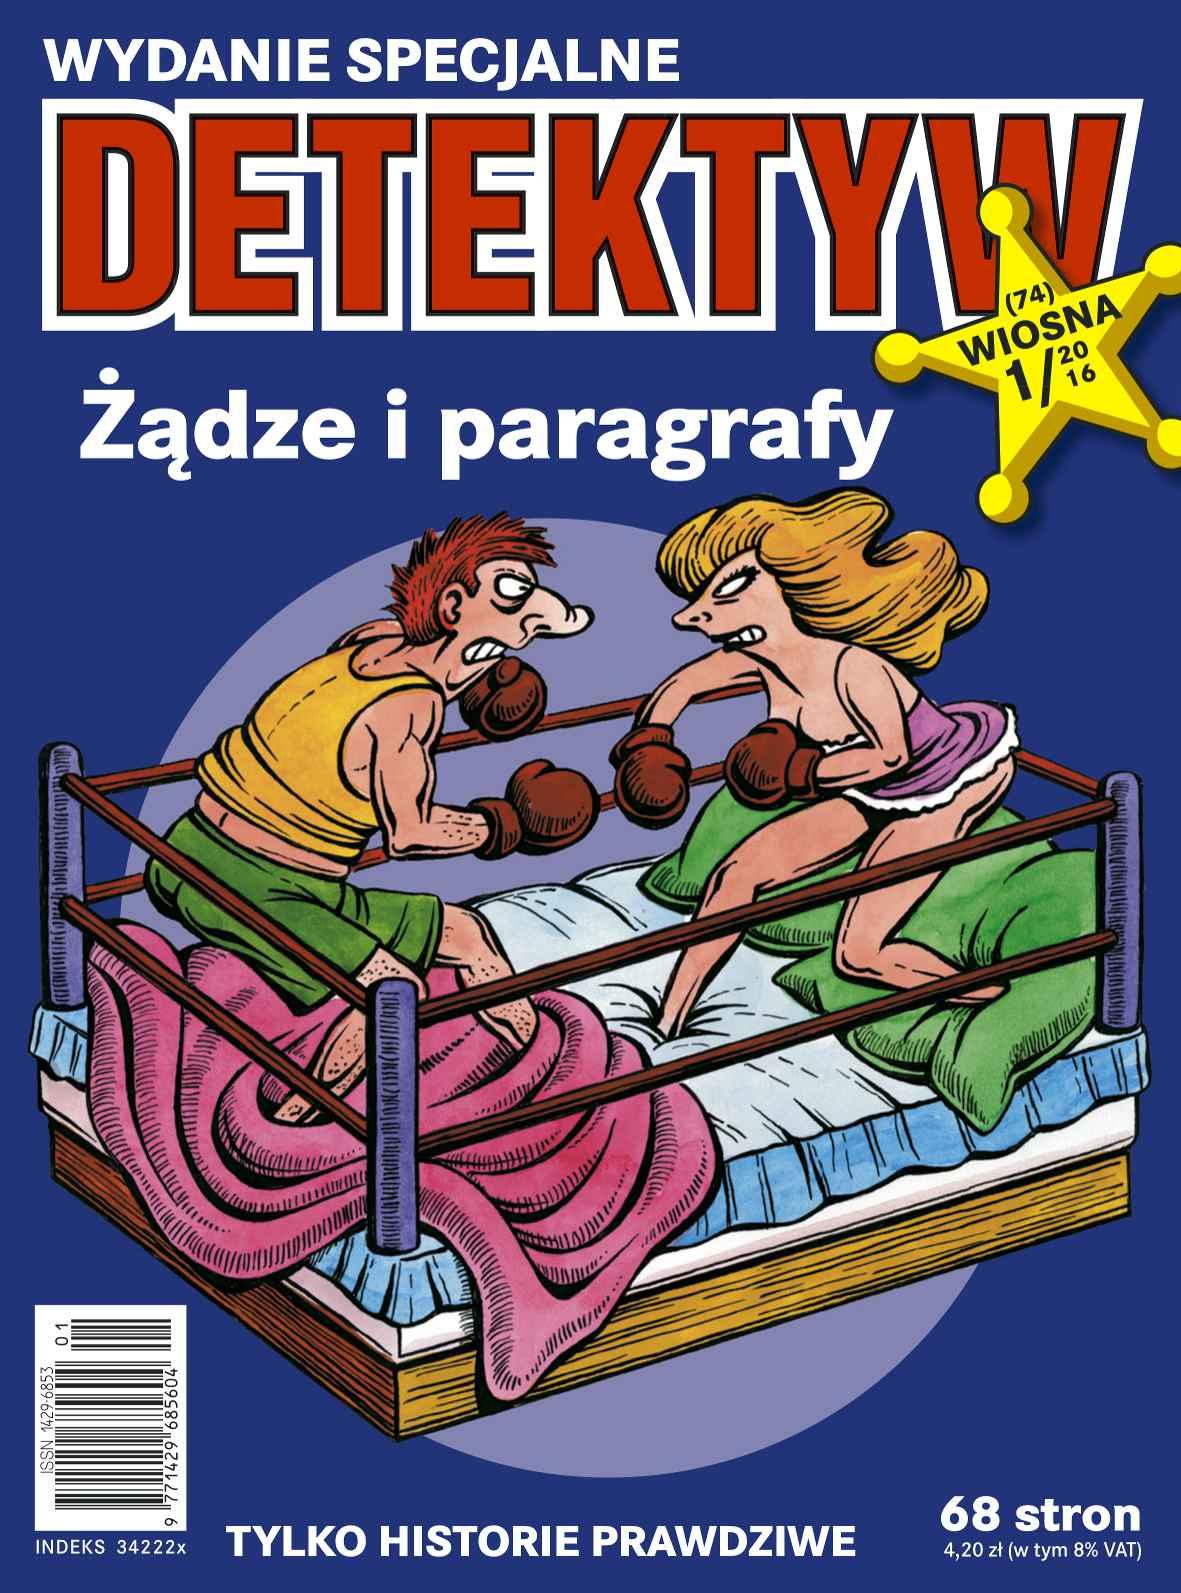 Detektyw - Wydanie Specjalne 1/2016 - Ebook (Książka na Kindle) do pobrania w formacie MOBI